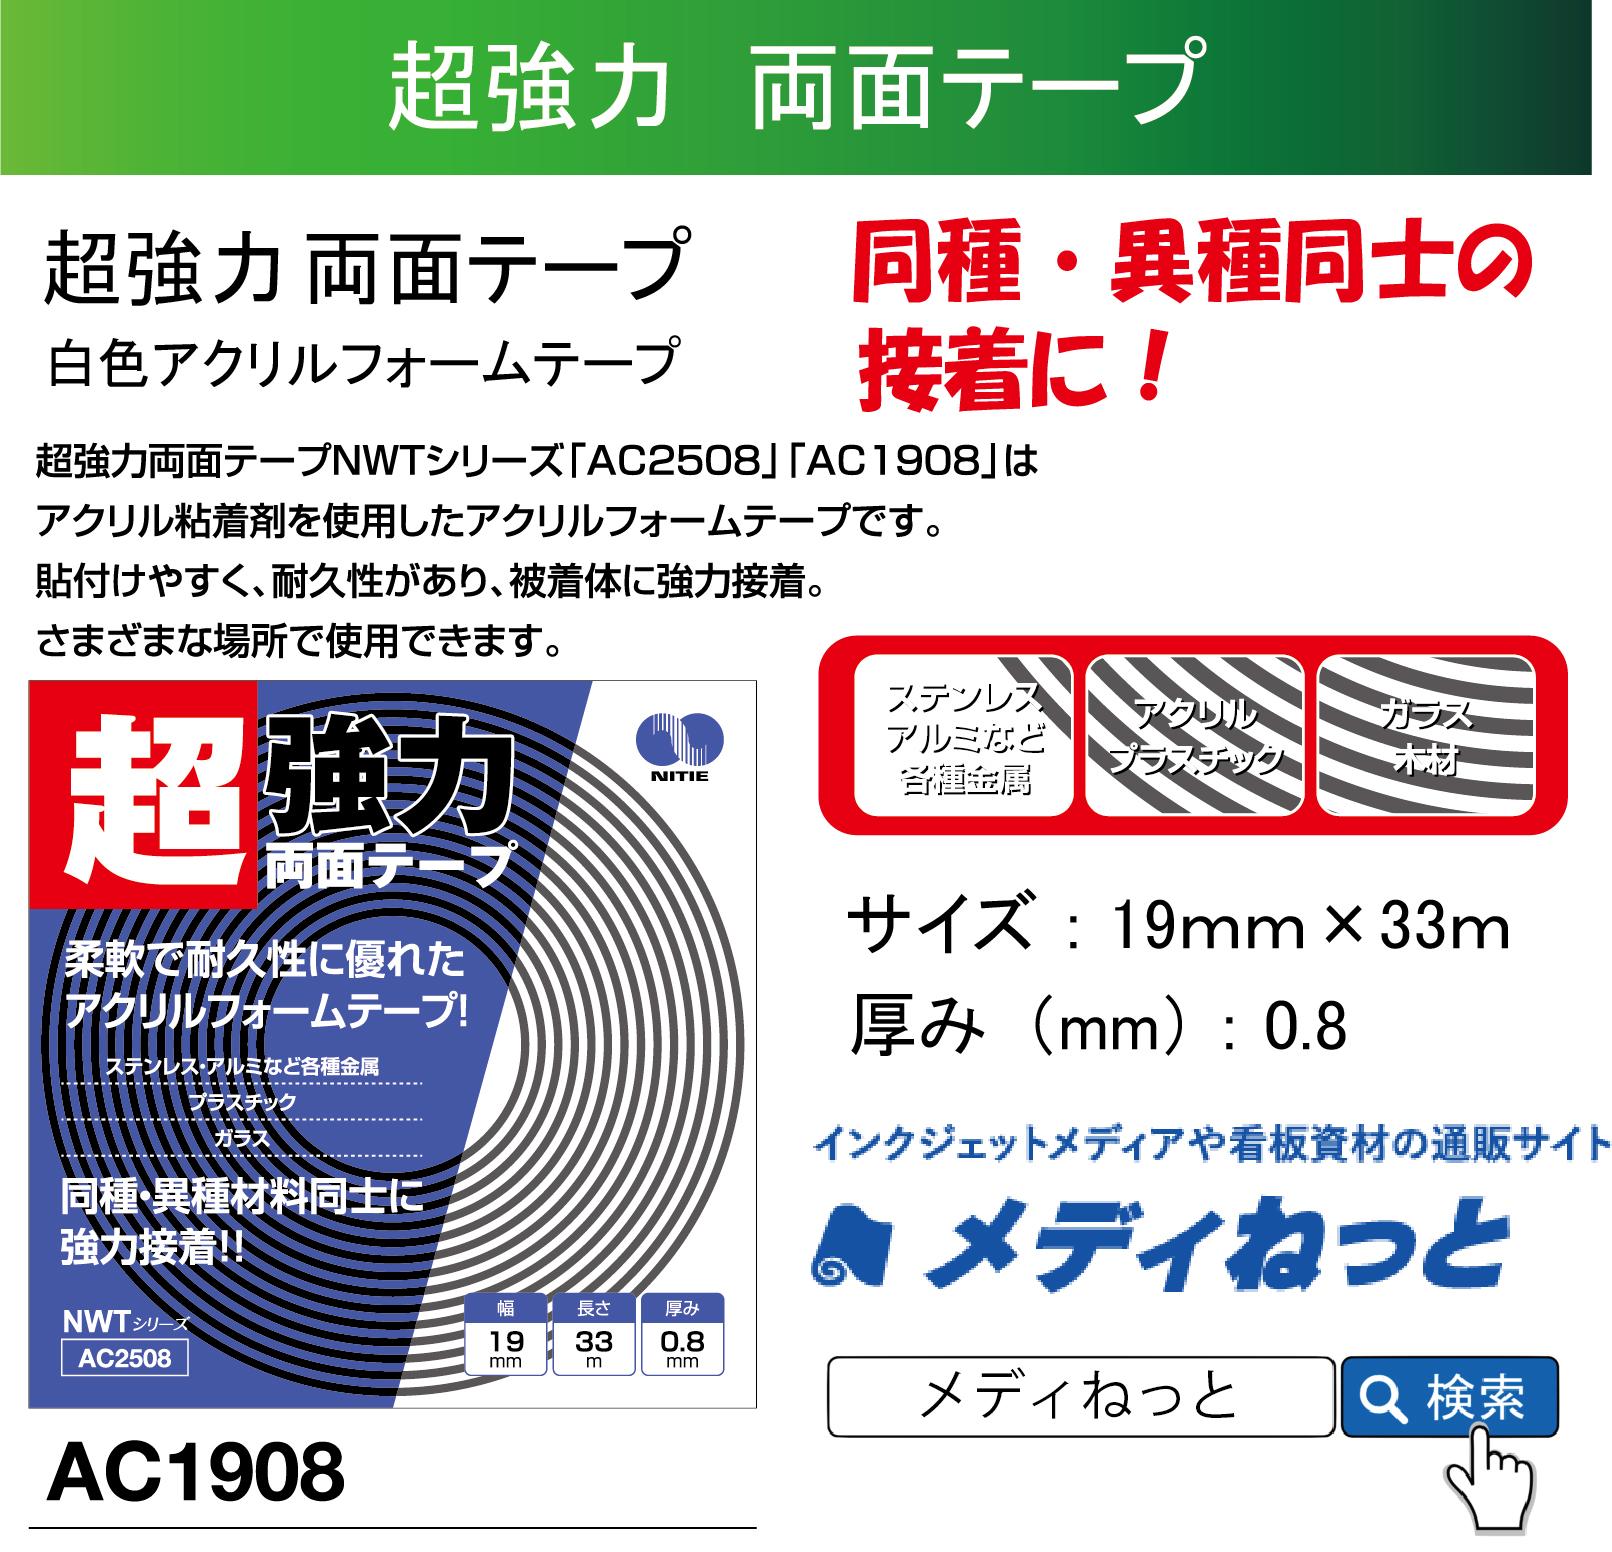 【10巻セット】超強力両面テープ(AC1908) 19mm×33m×0.8mm